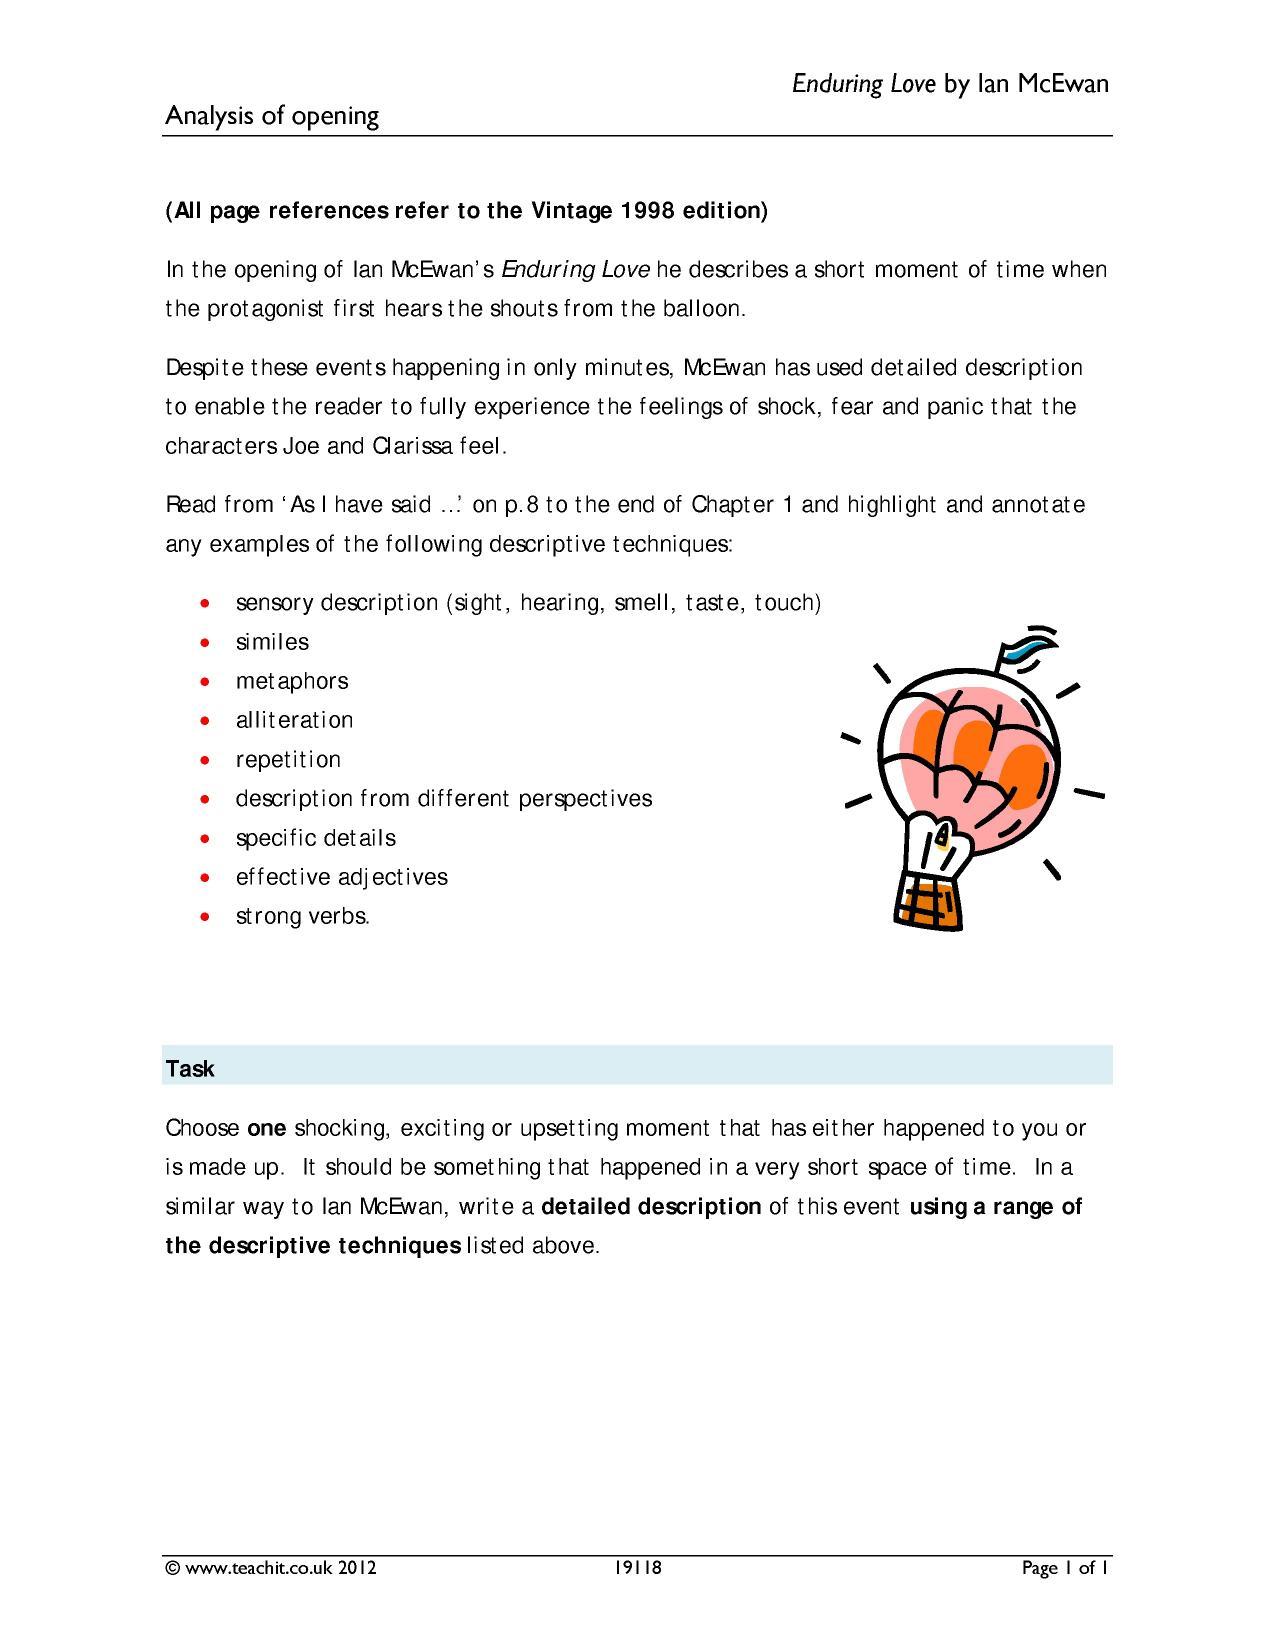 Unimy scholarship essays